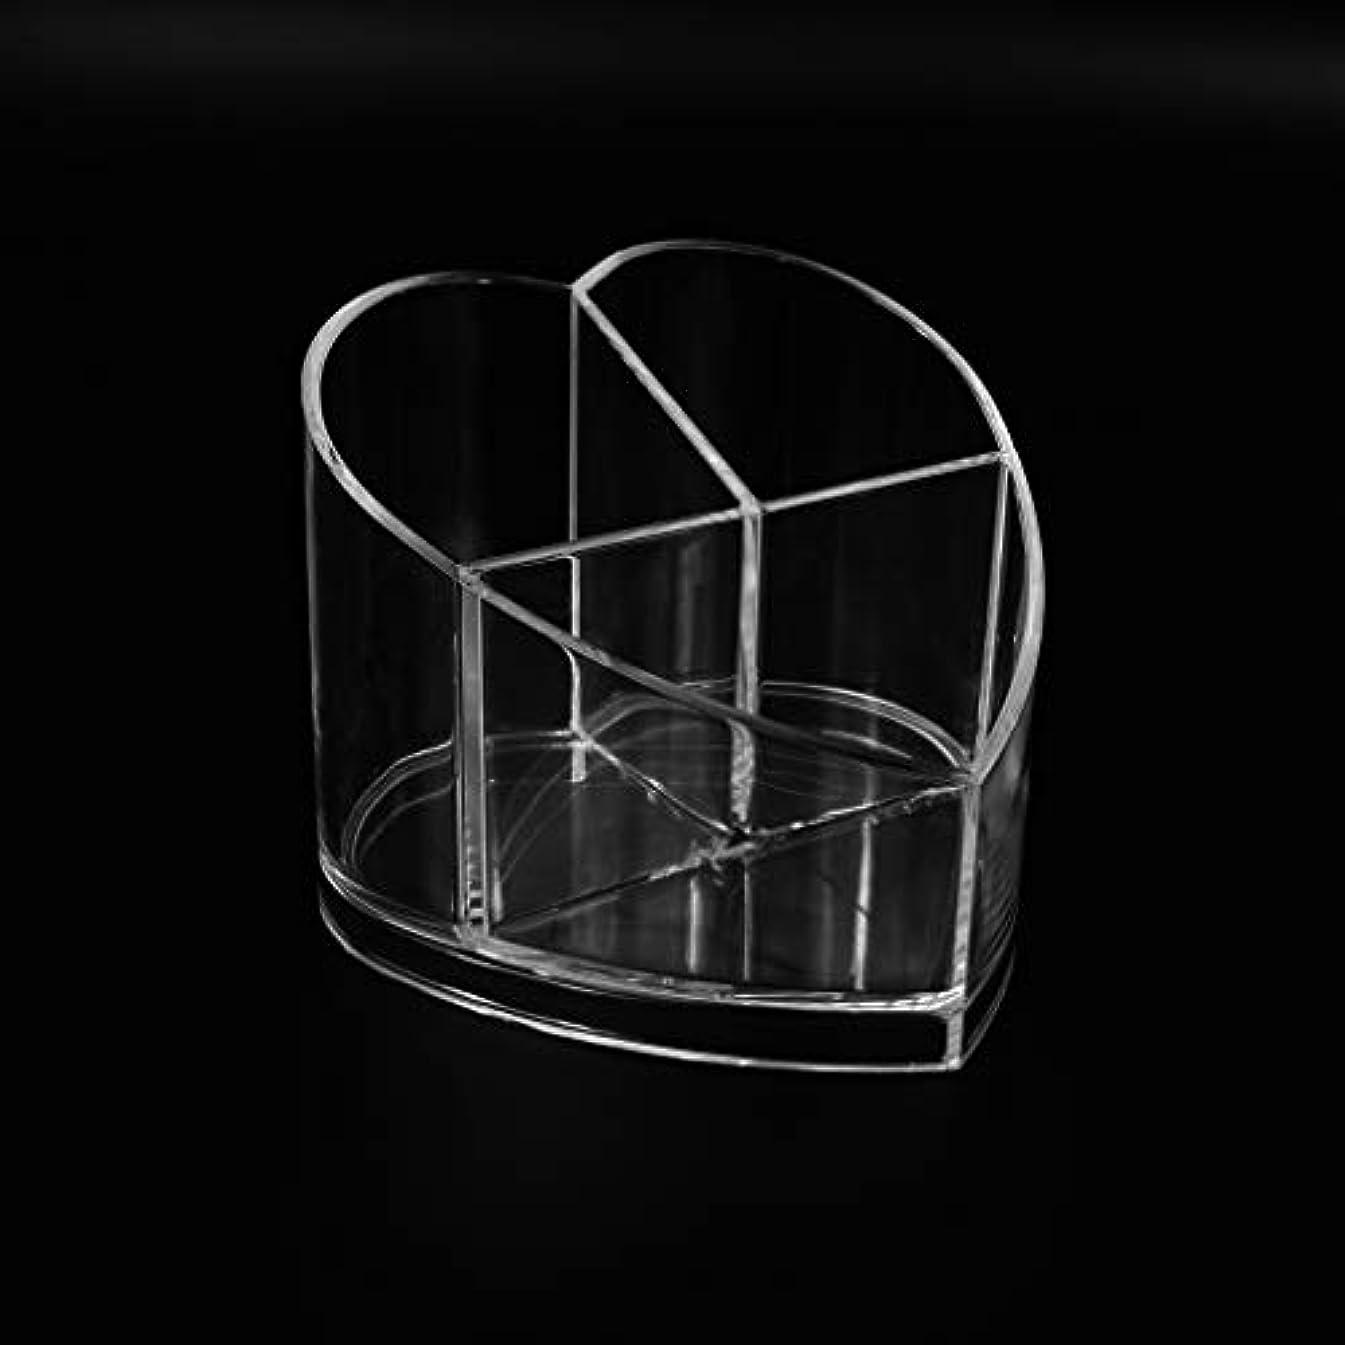 提供インゲン検索エンジンマーケティングRiLiKu 卓上収納ケース アクリル メイクブラシホルダー コスメ収納 透明 卓上ペン立て 文房 具 口紅 化粧ブラシ ネイルカラー 収納ケース